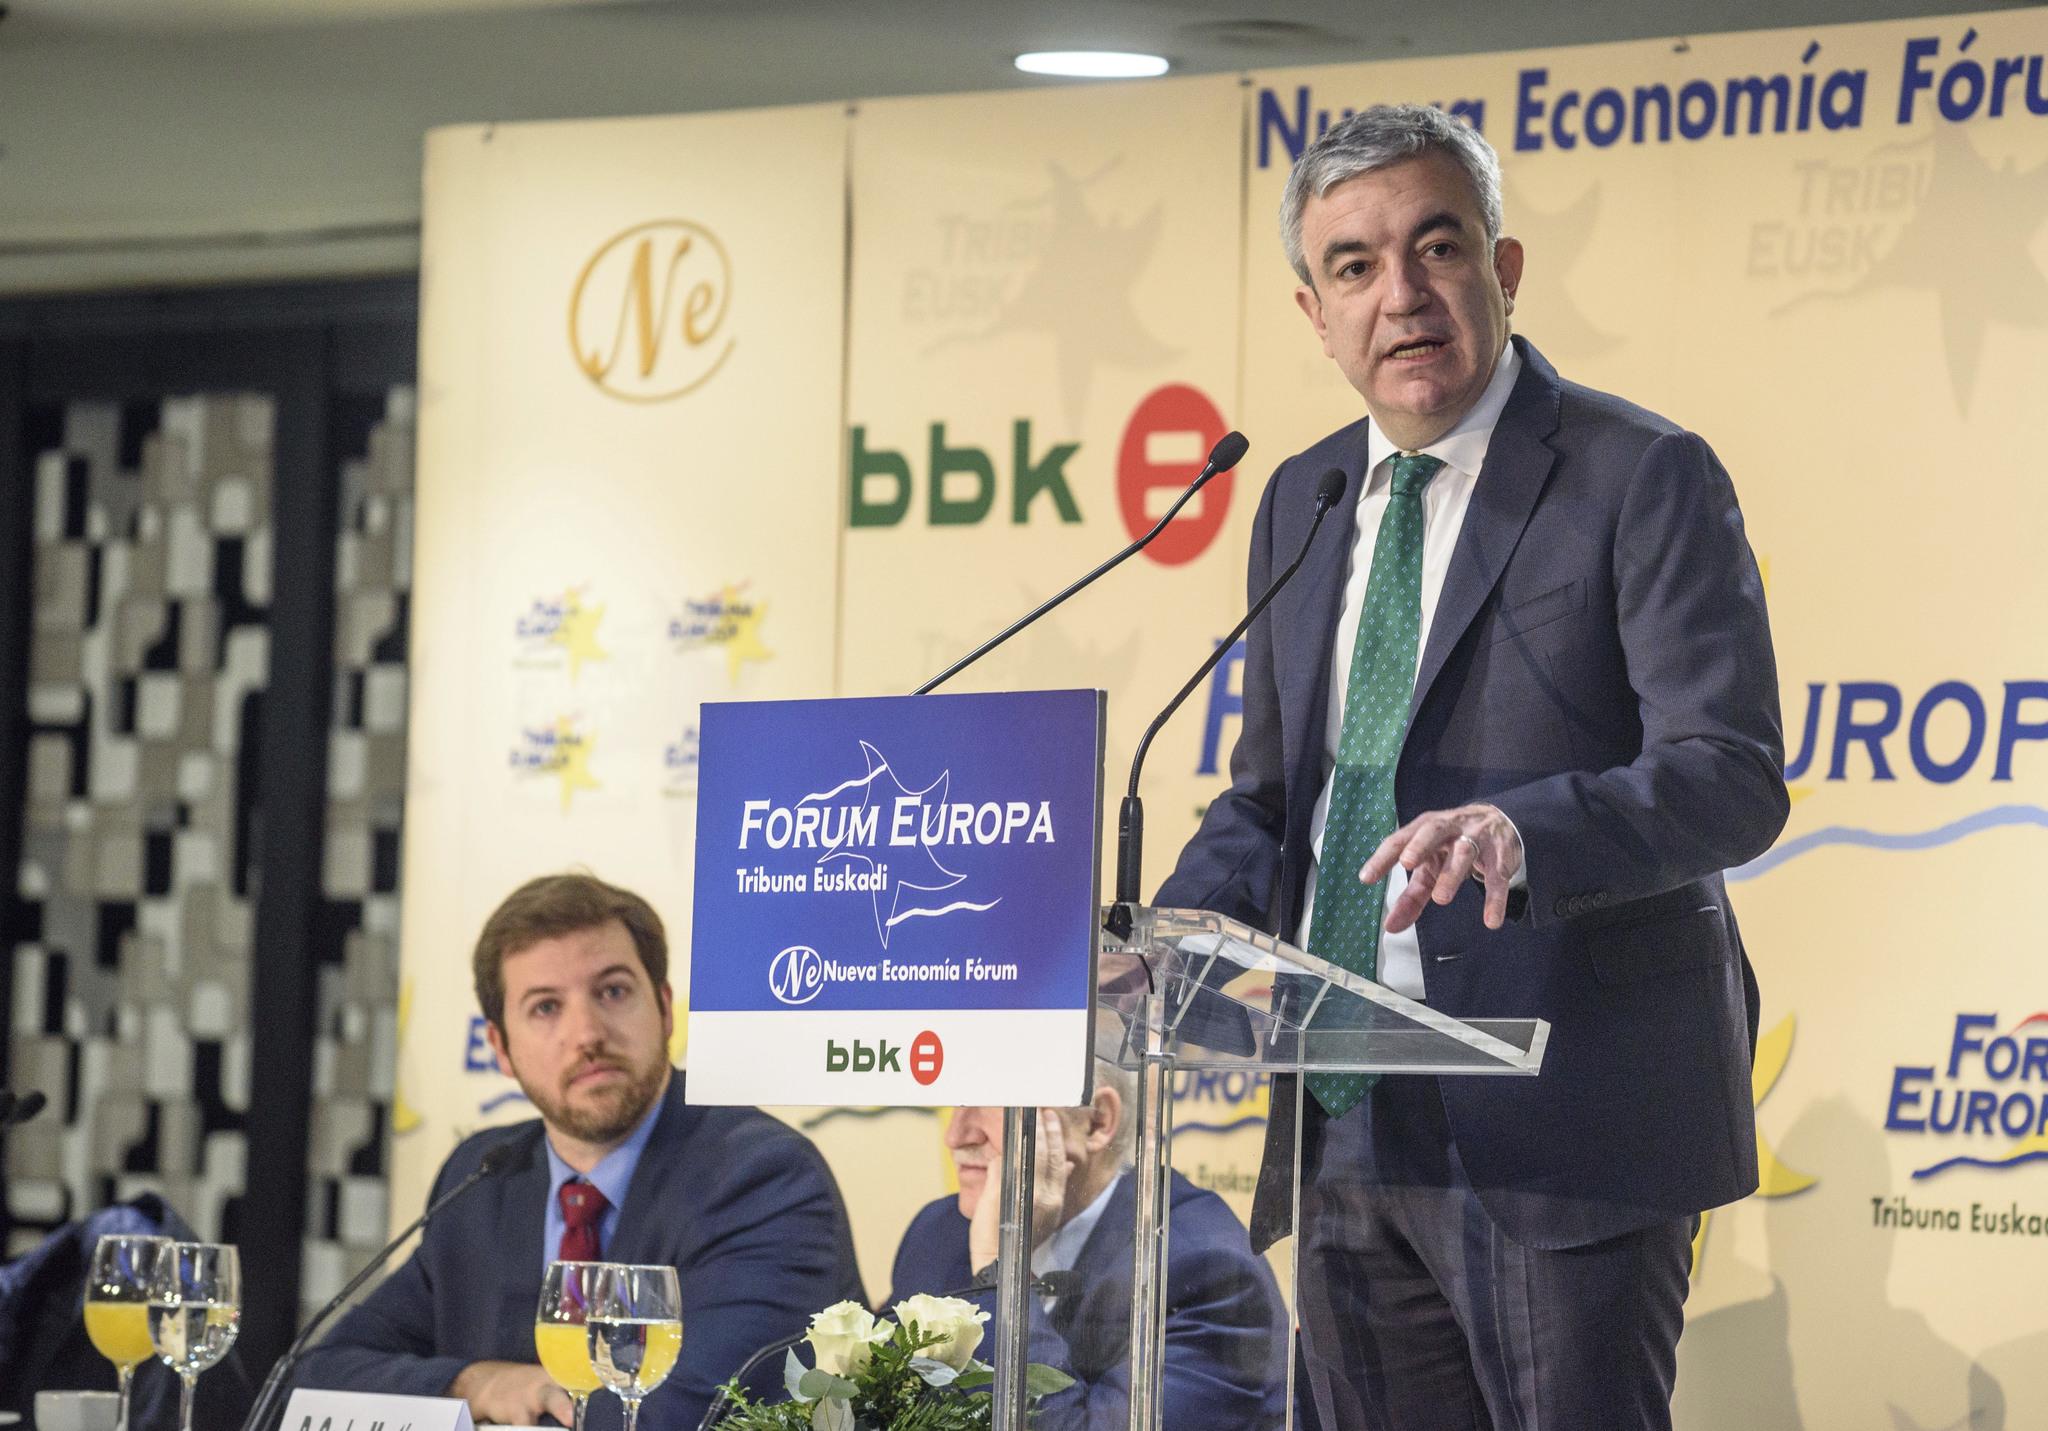 Luis Garicano interviene en el Forum en Bilbao en presencia de Luis Gordillo.